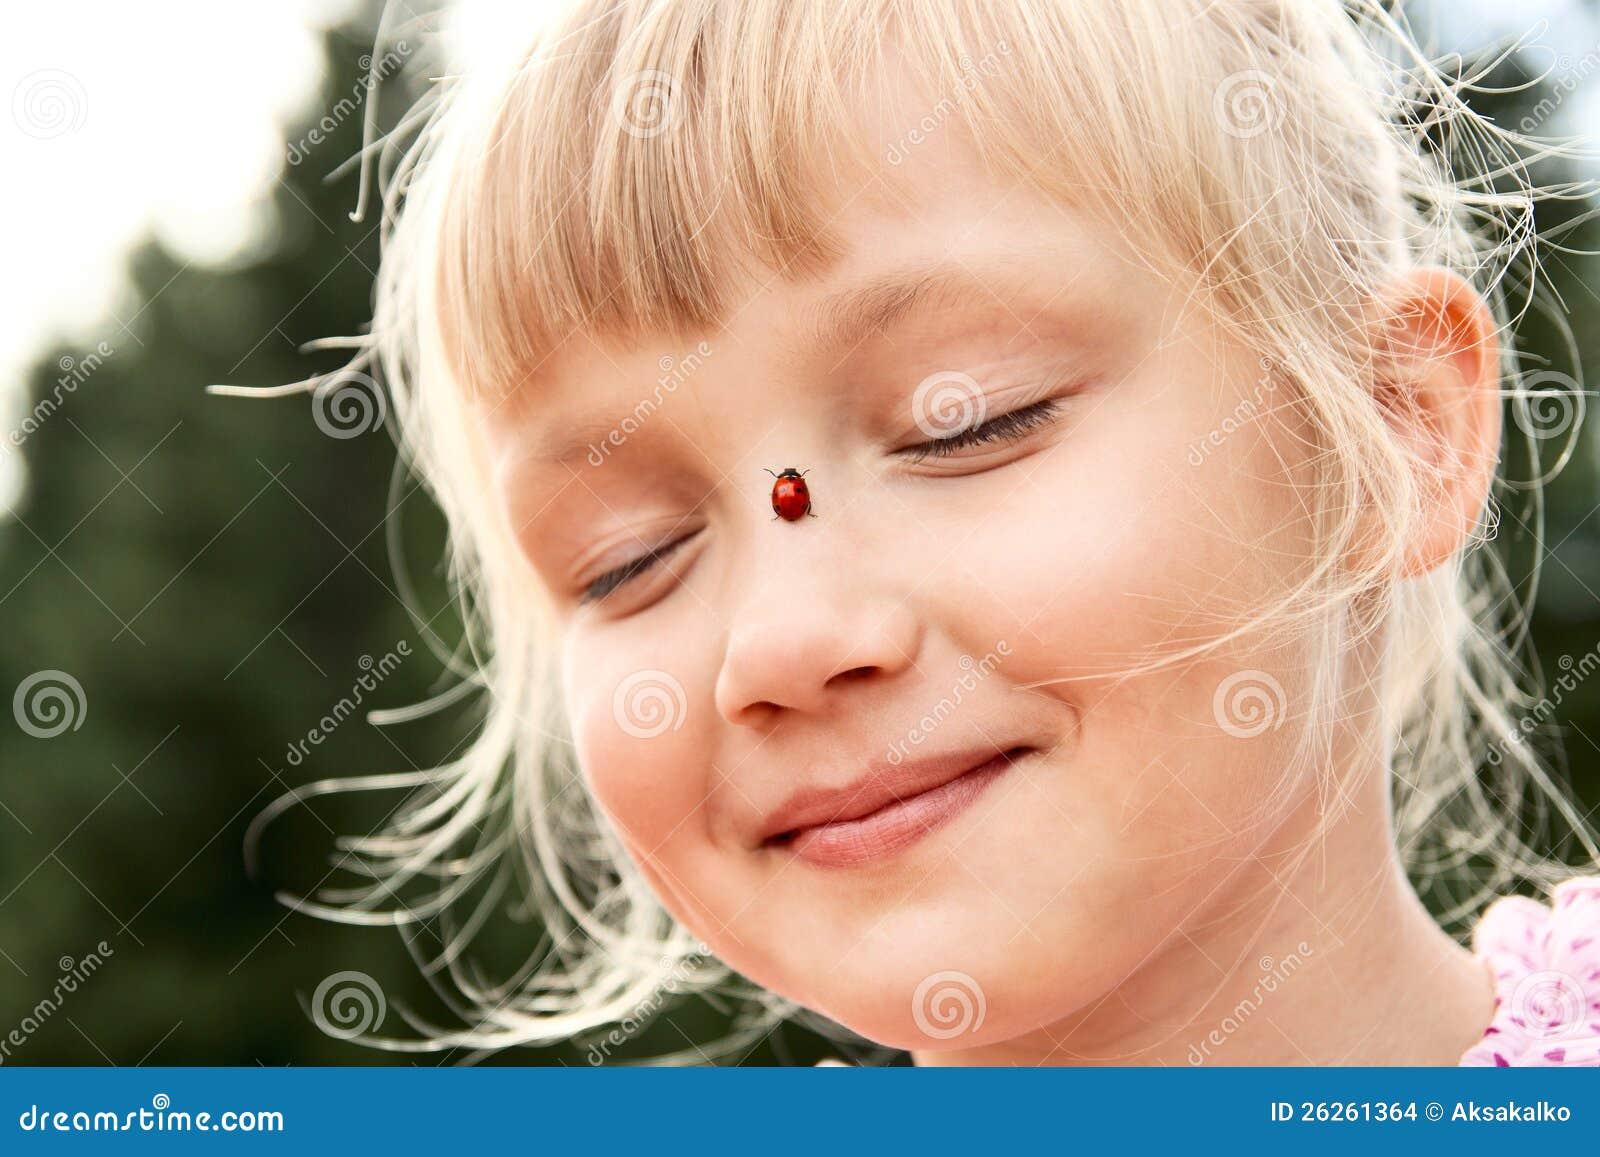 Flicka med nyckelpigan på henne näsa